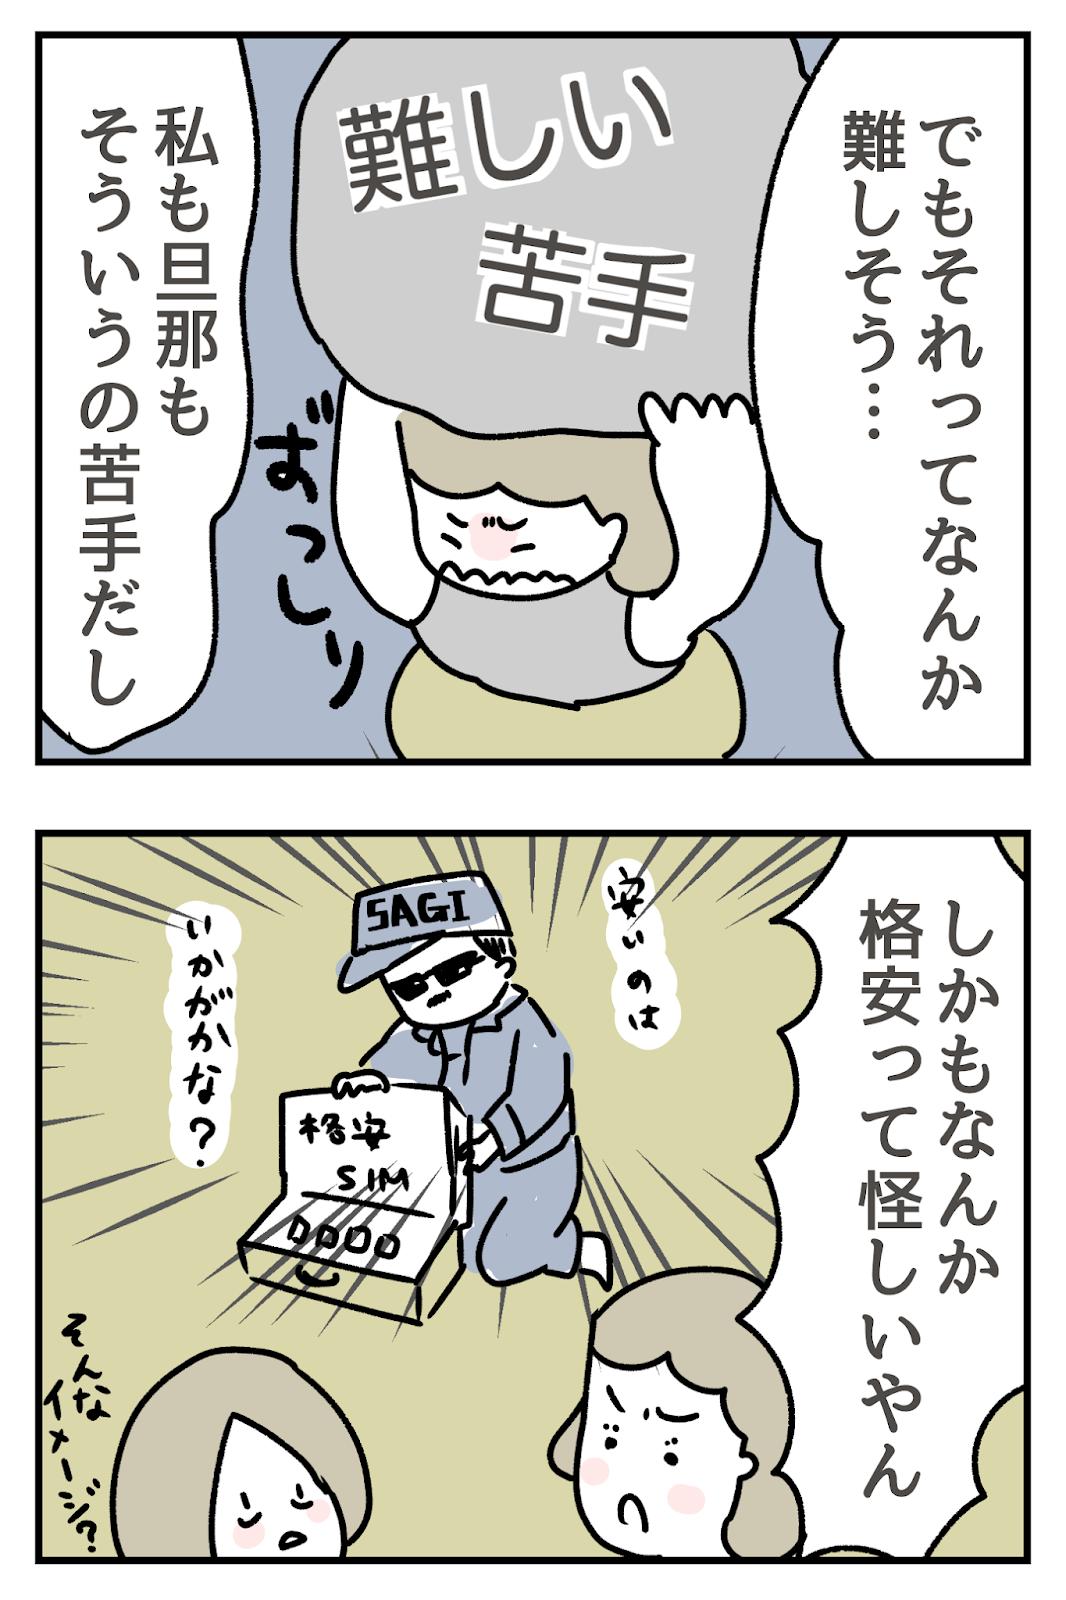 格安SIMが怪しく感じてしまう漫画